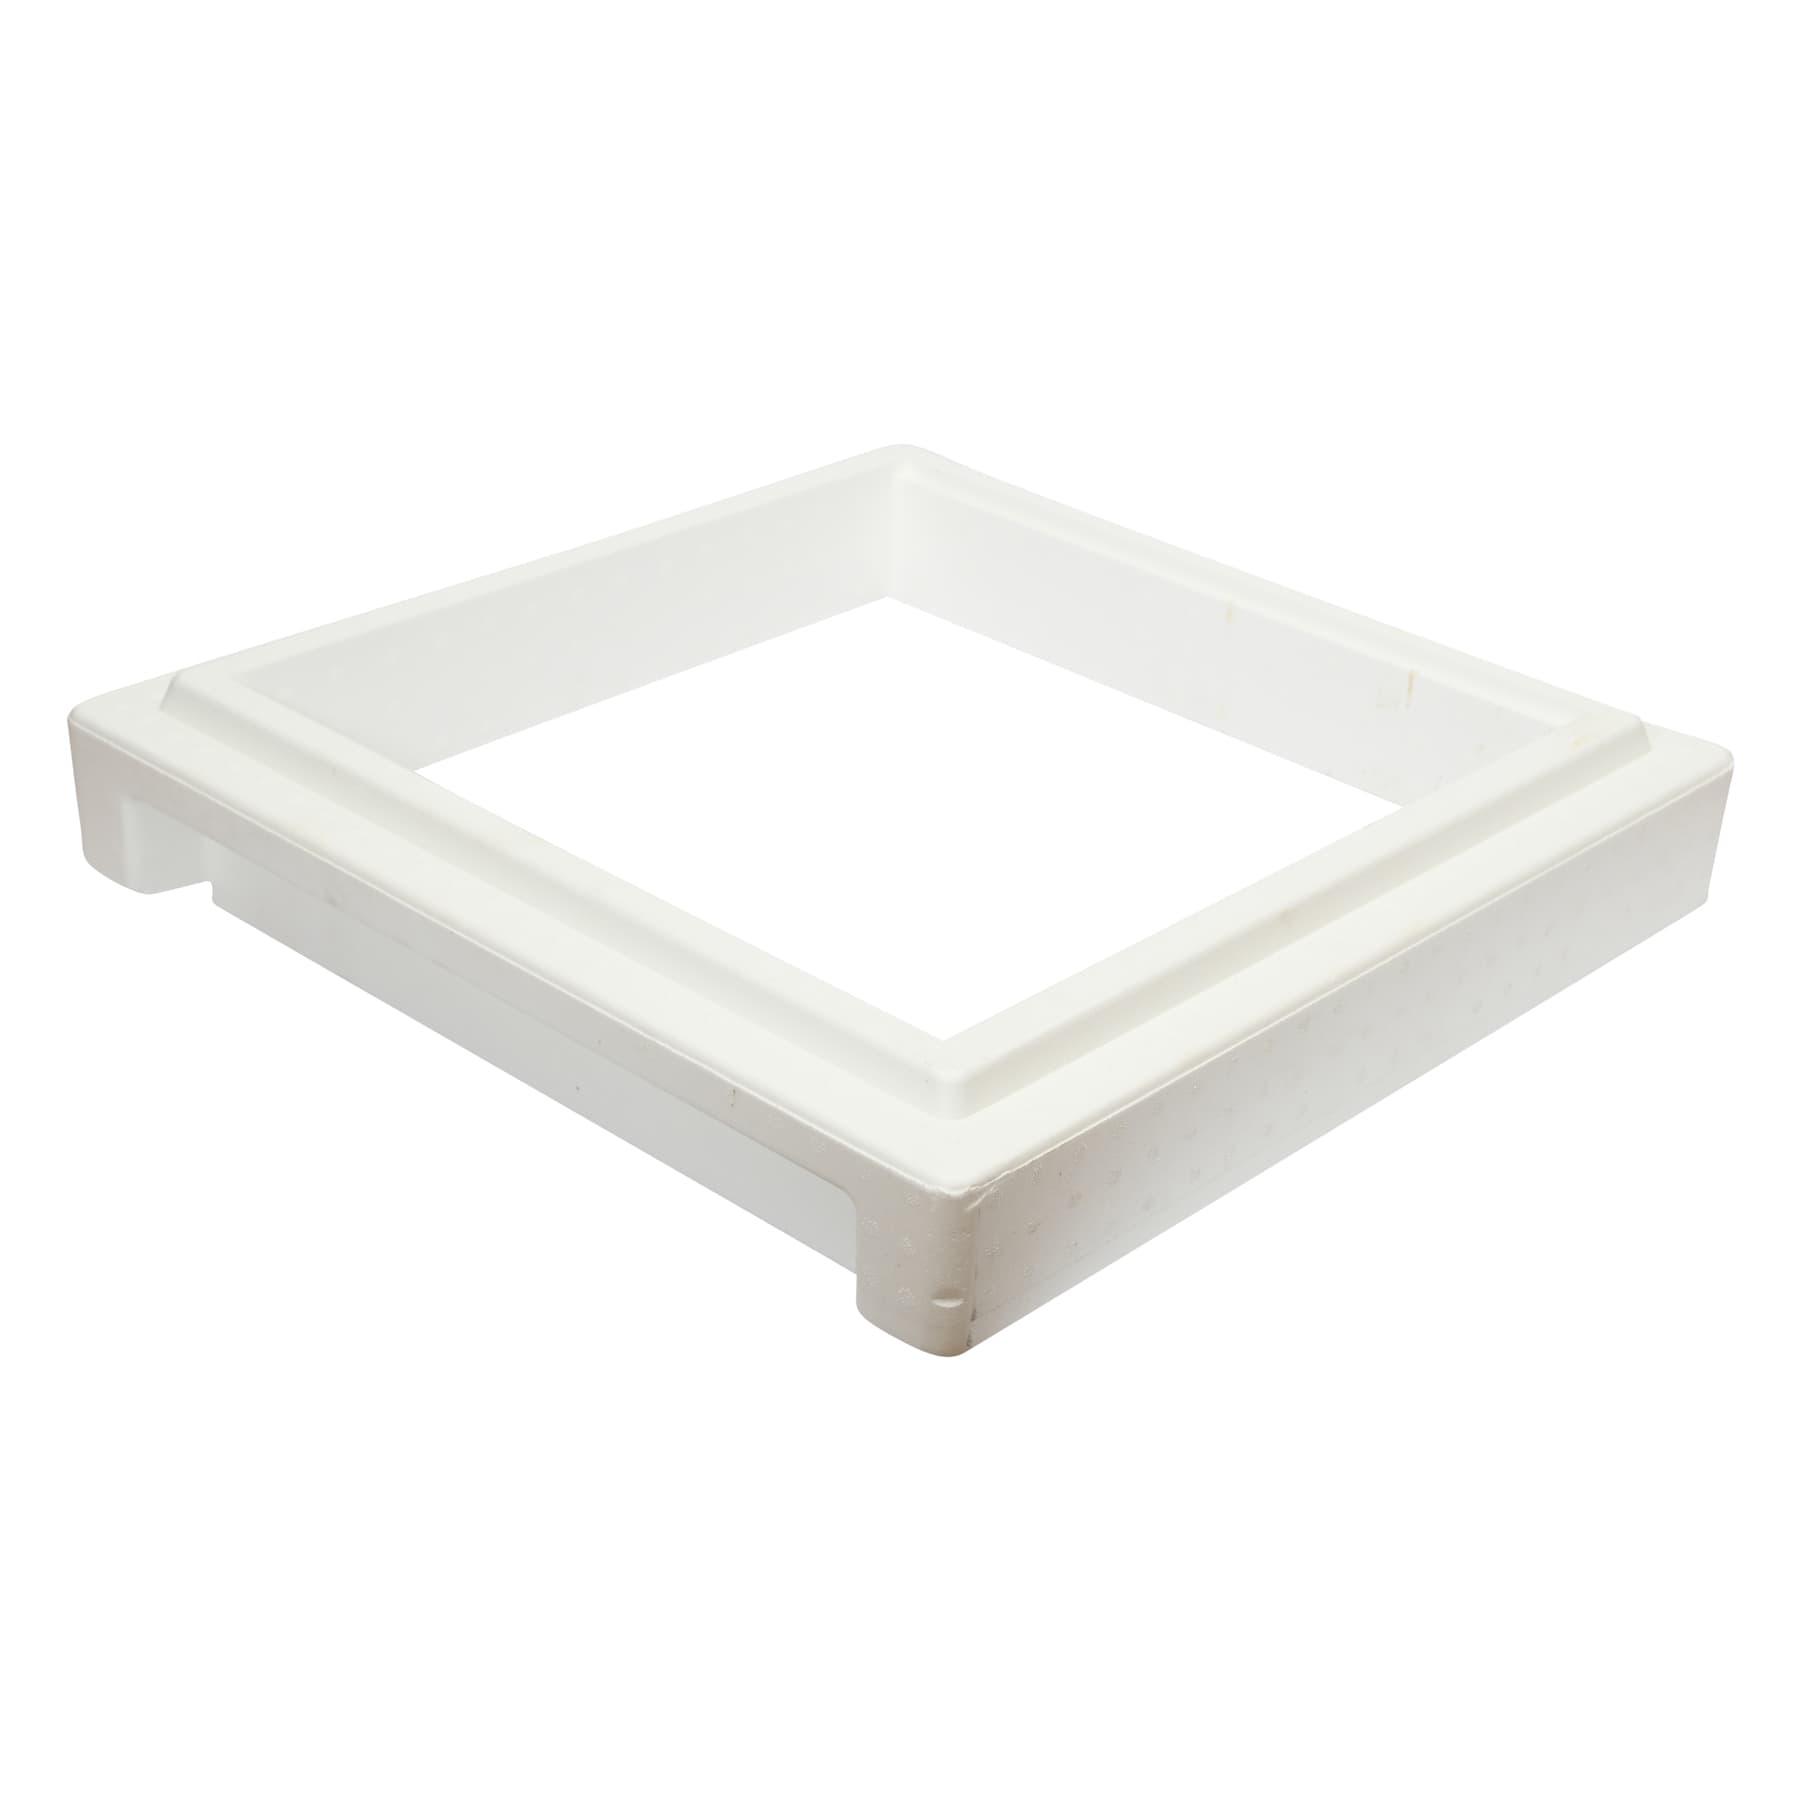 Segeberger Hochbodenrahmen für Universalboden von Stehr klassisch mit 20 mm Fluglochhöhe, Stehr Art. 132010006